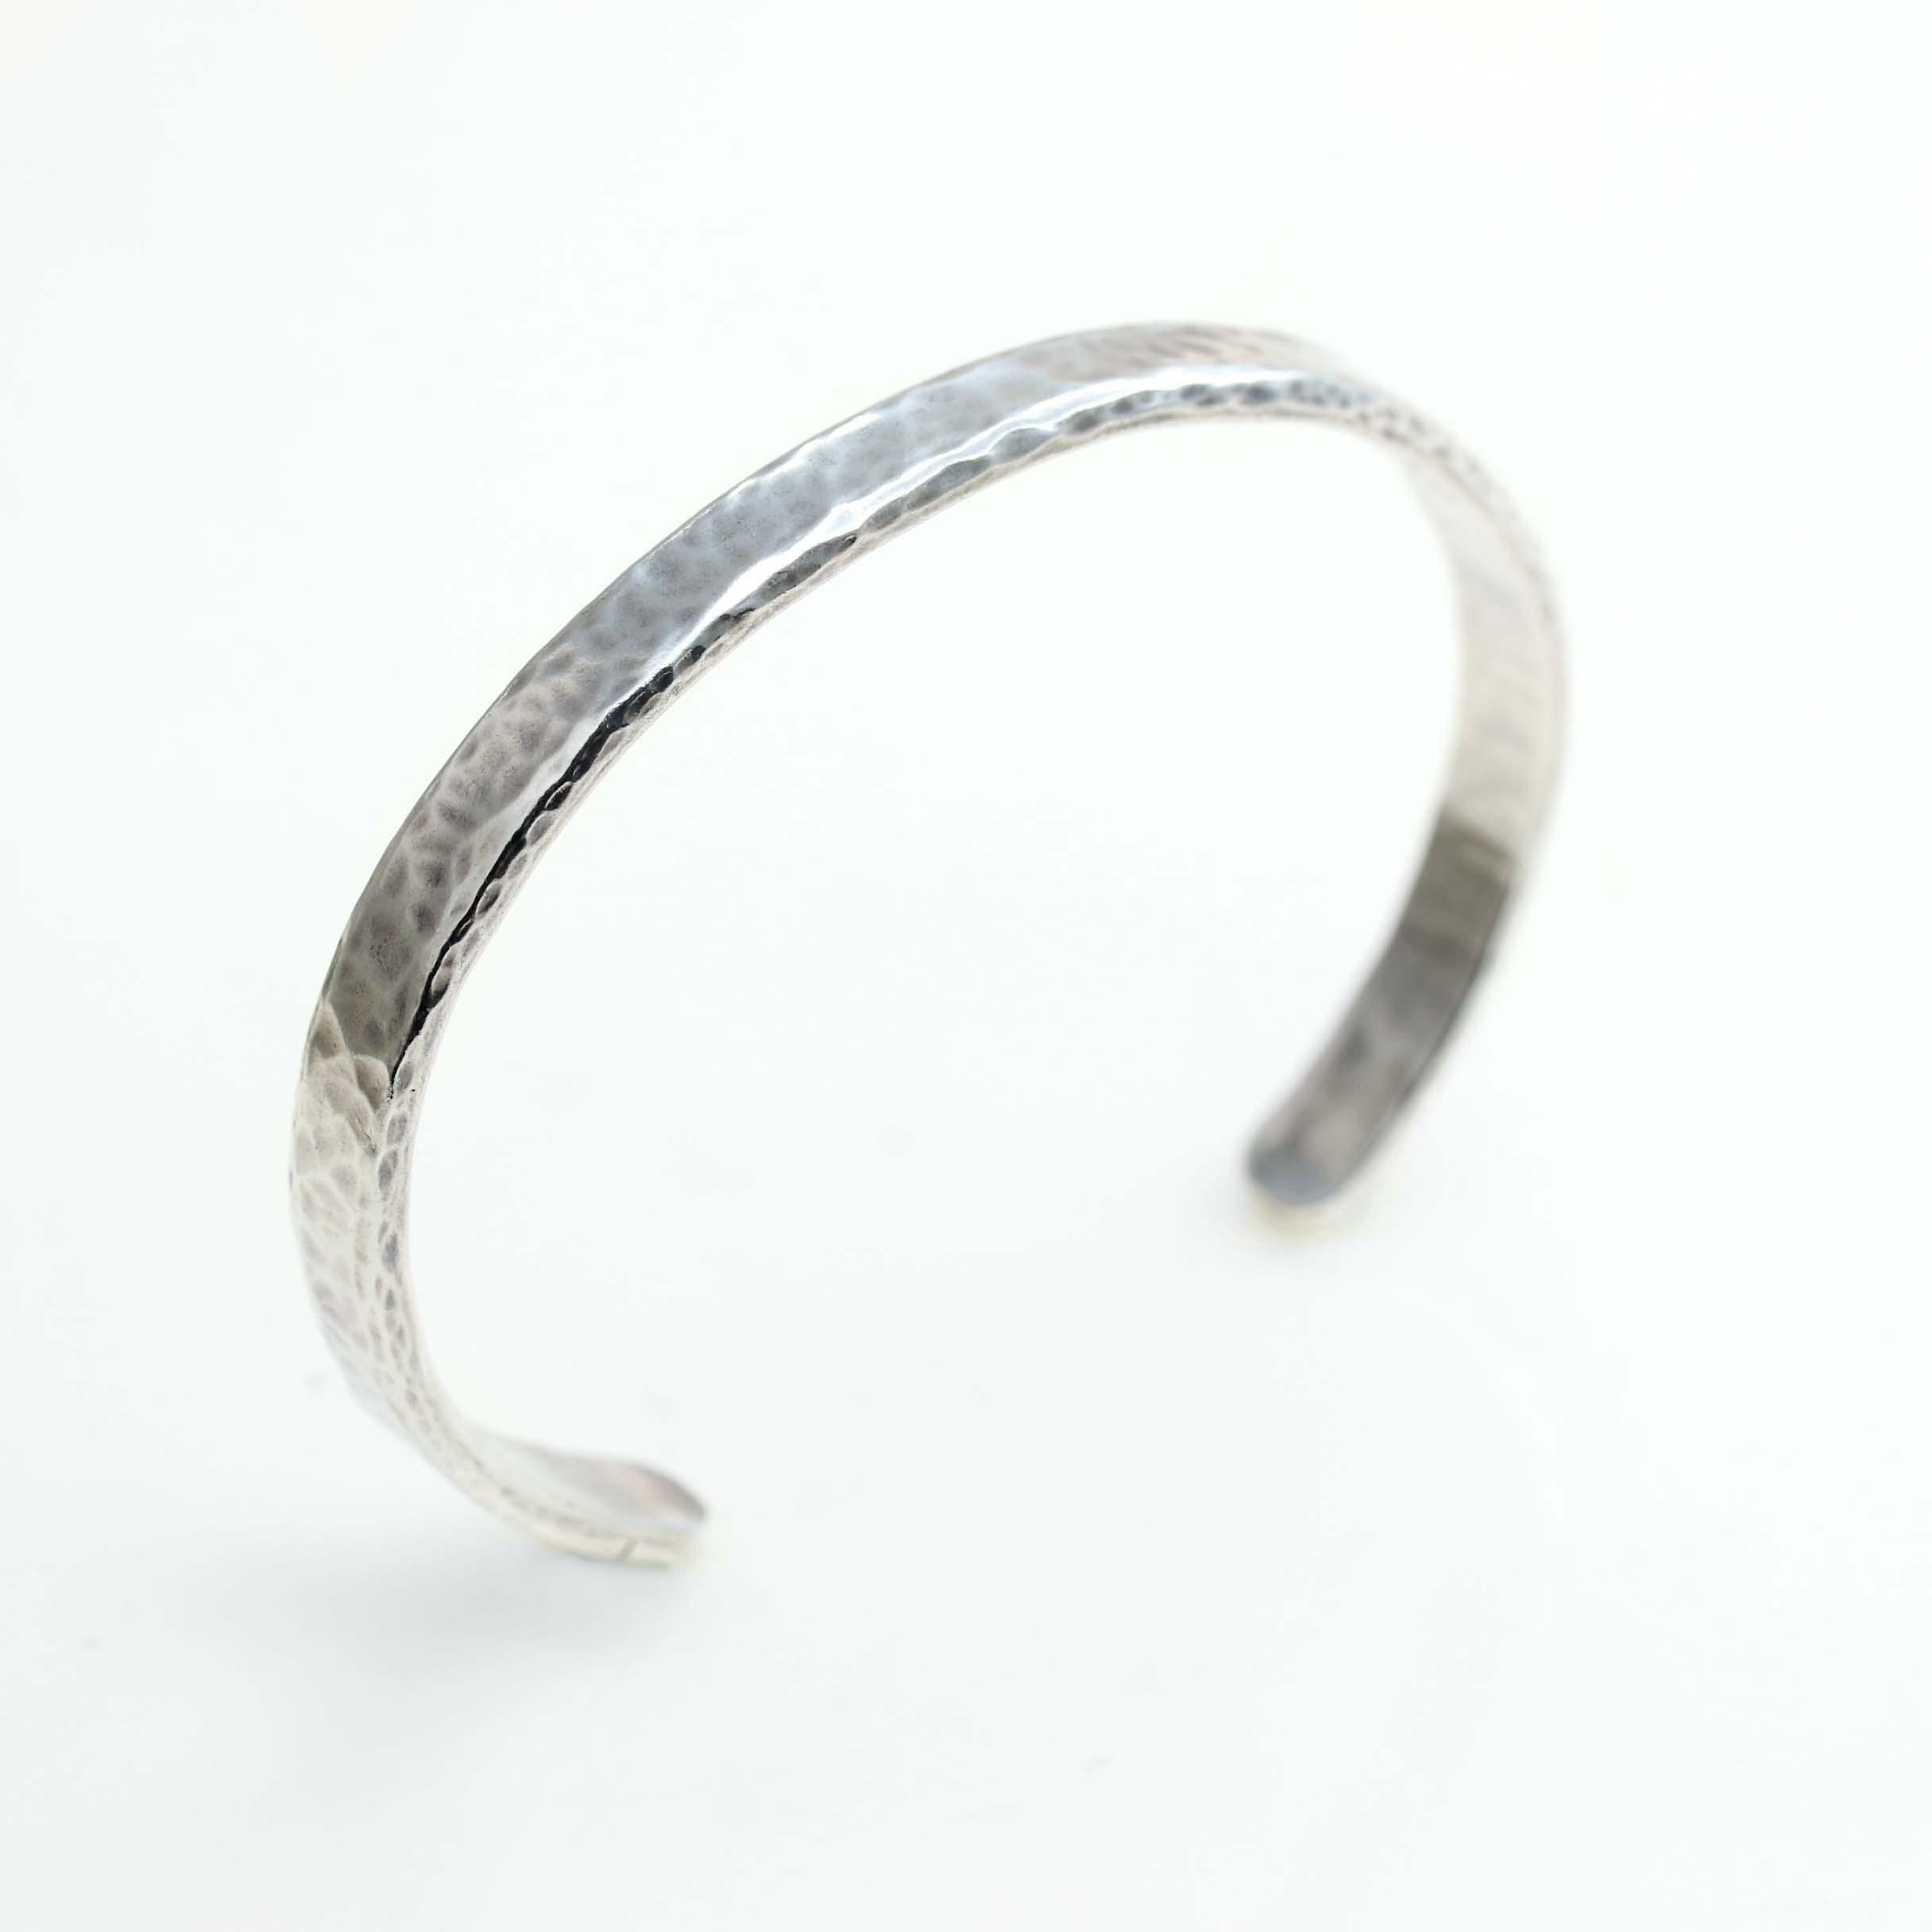 【紋藝】波光手環